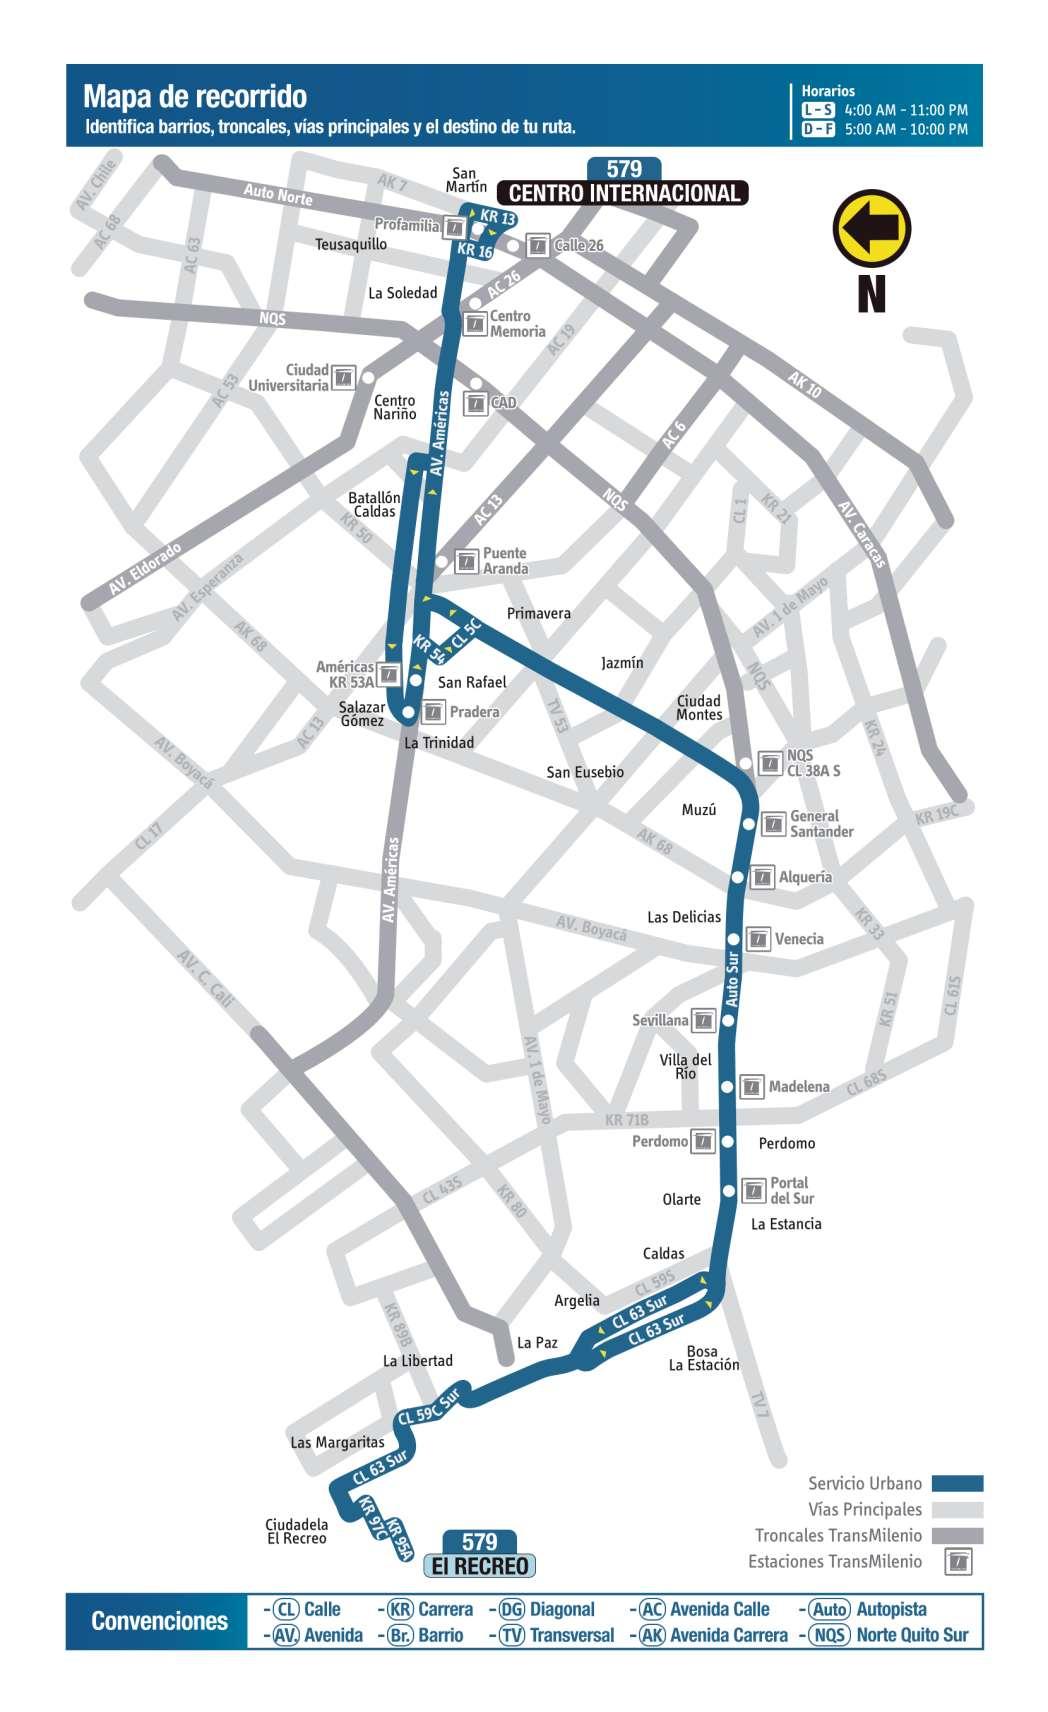 579 Centro Internacional - El Recreo, mapa bus urbano Bogotá